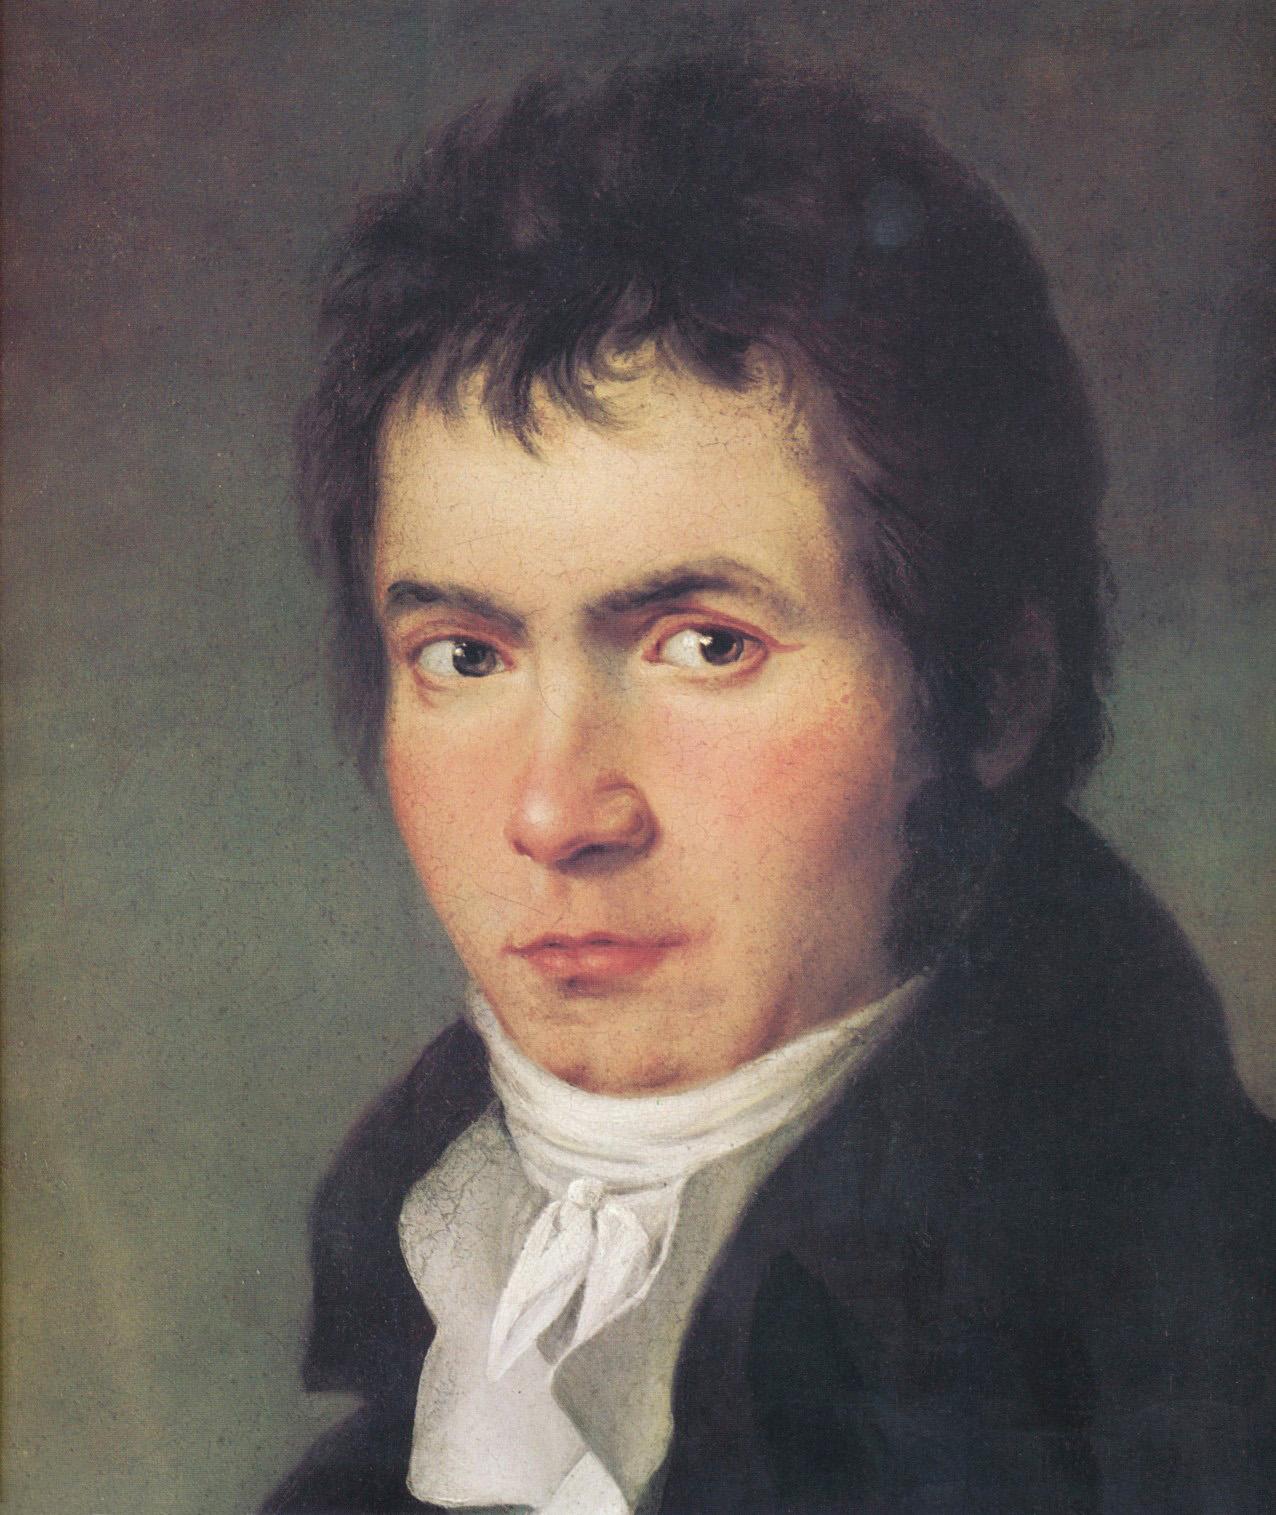 Ludwig-Van-Beethoven-7